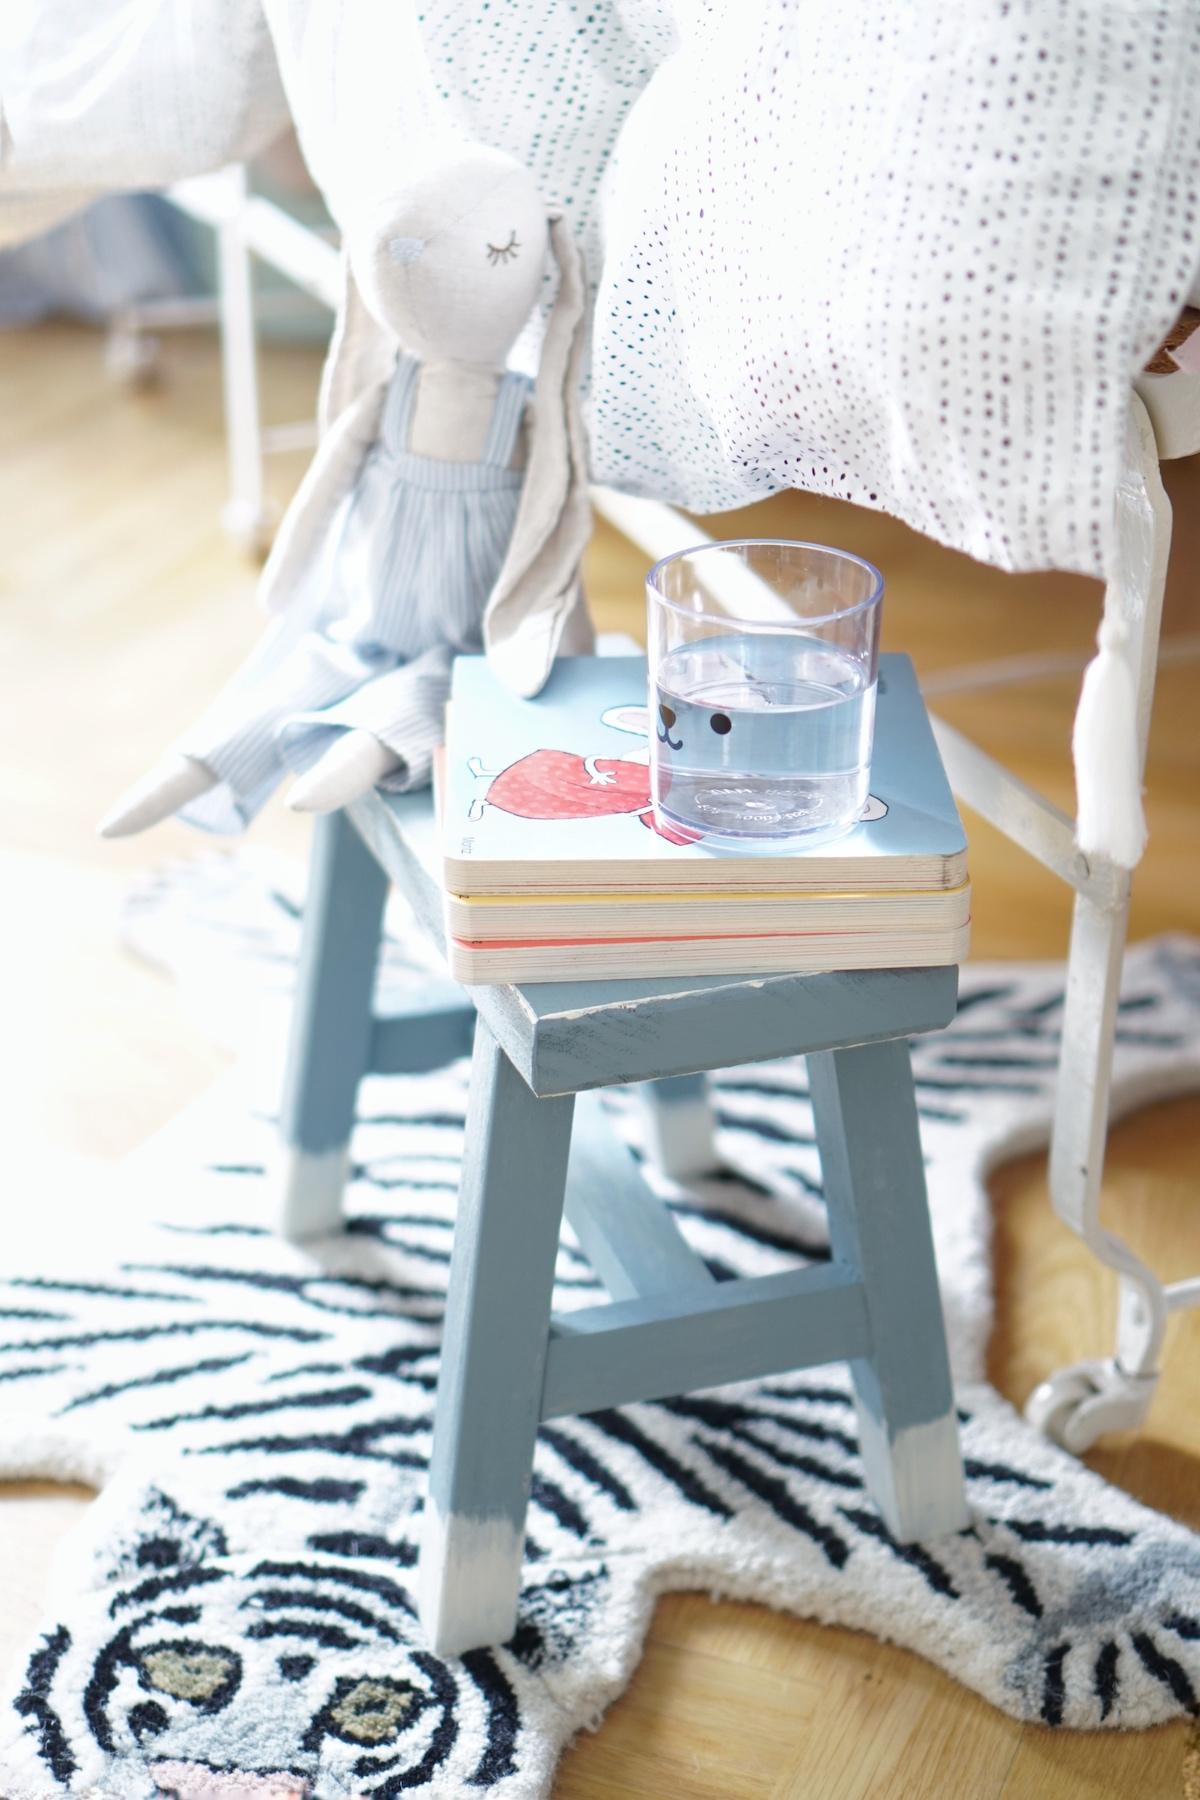 DIY Hocker pimpen & wie der Schemel zum Einsatz kommt Nachttisch